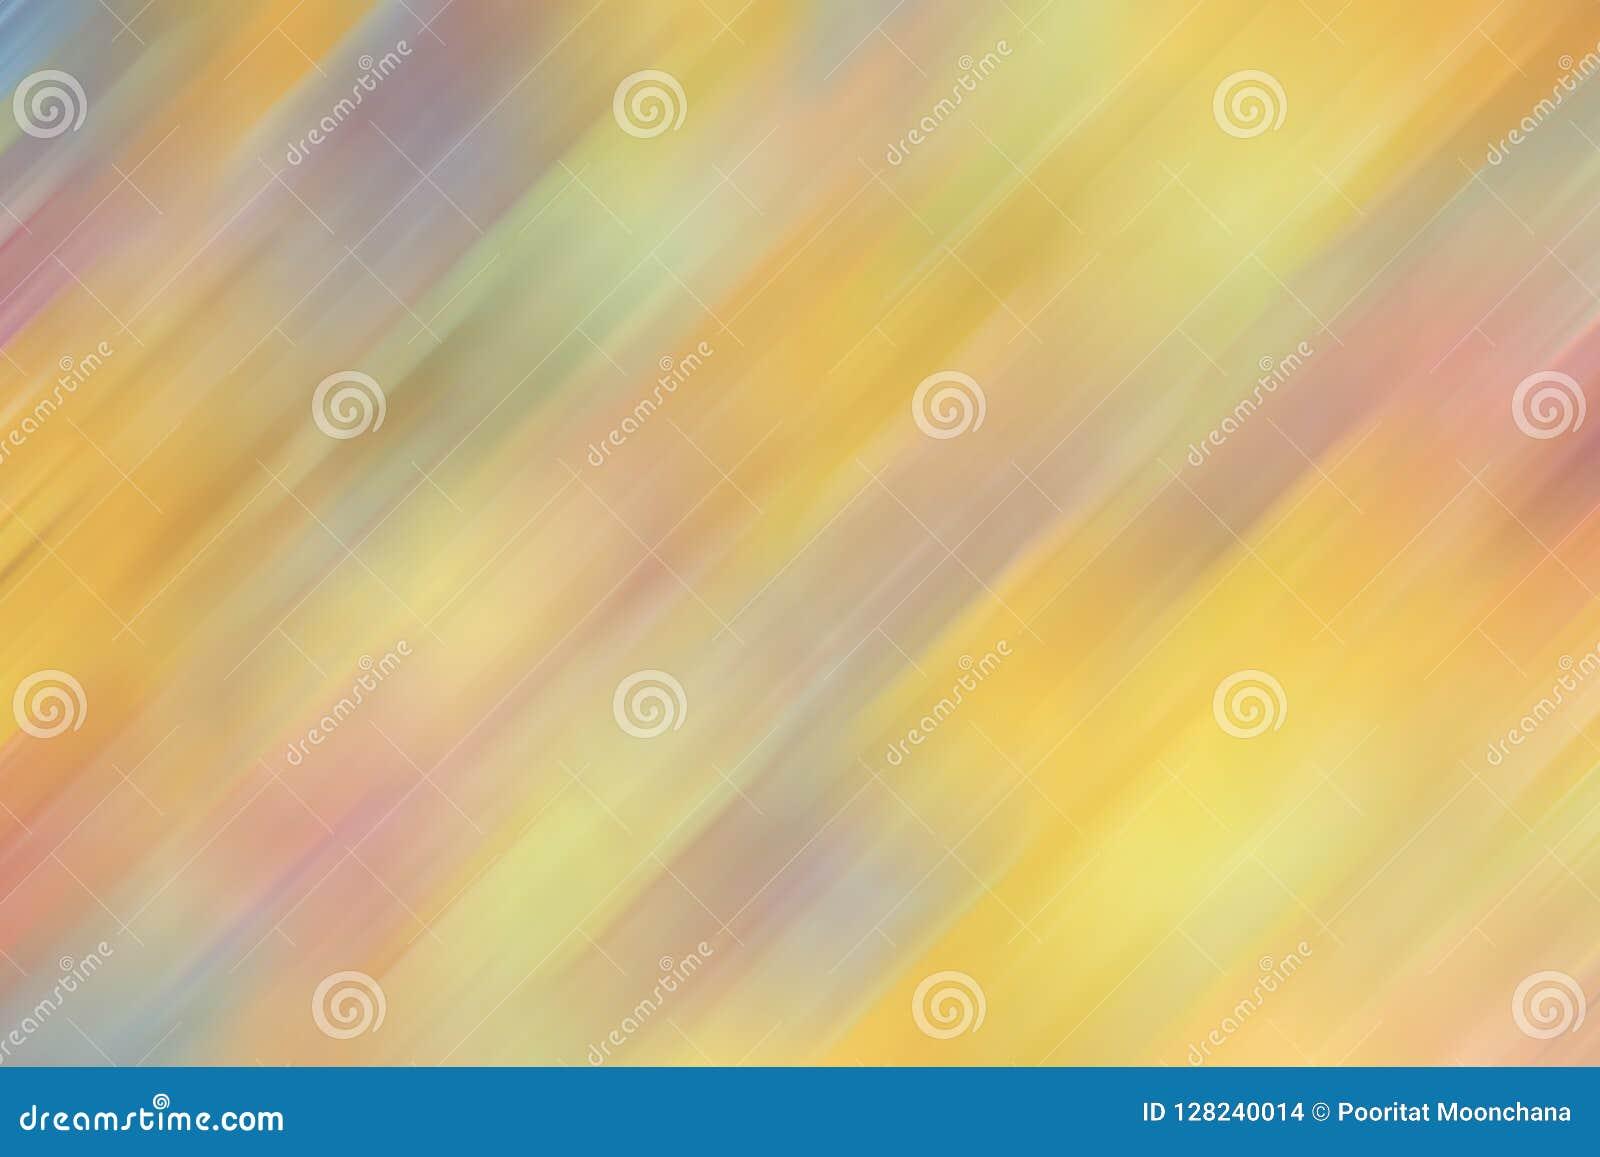 Fundo colorido apropriado para a luz bonita das várias tarefas mim